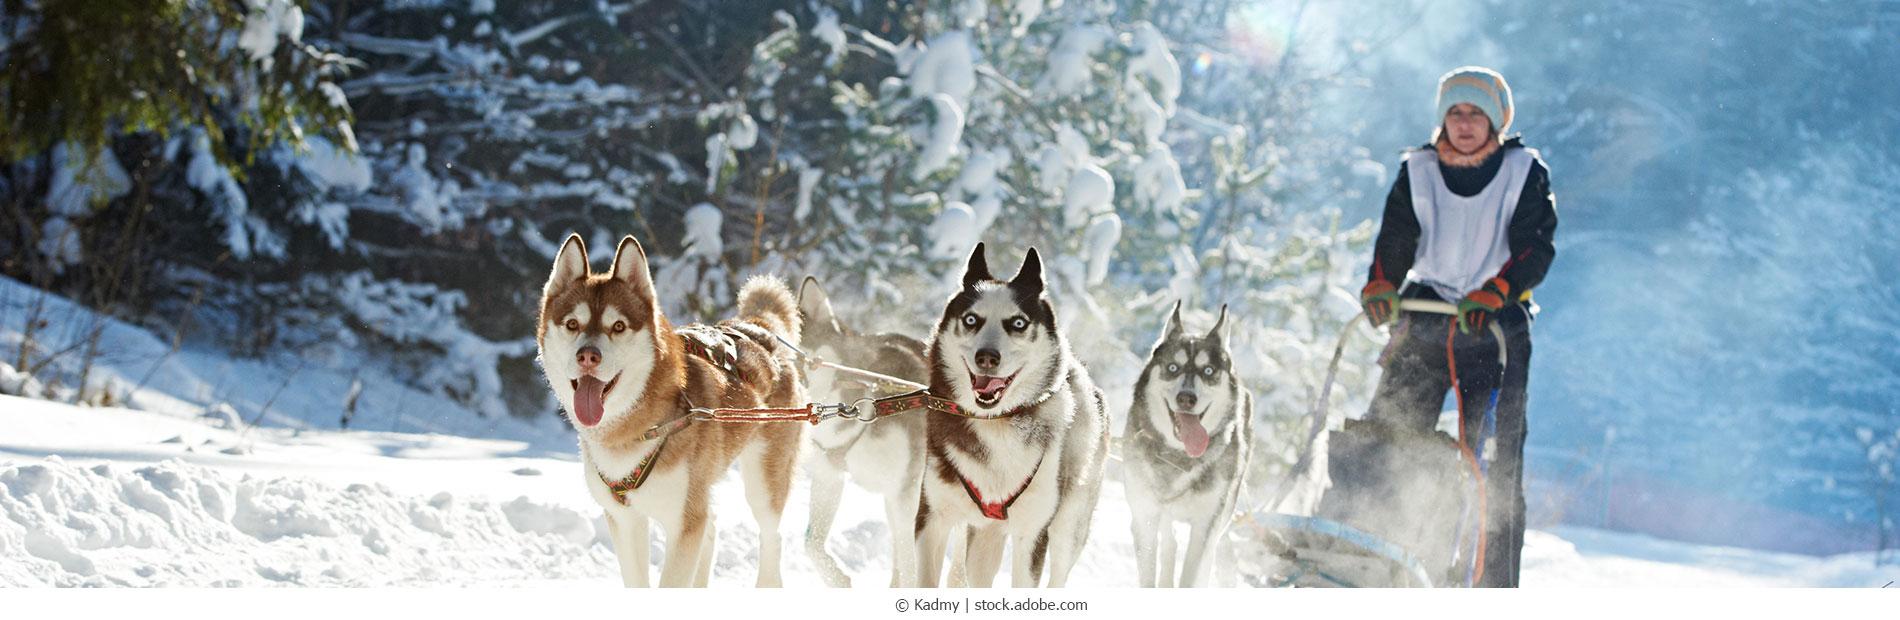 Huskies_180040549_webC